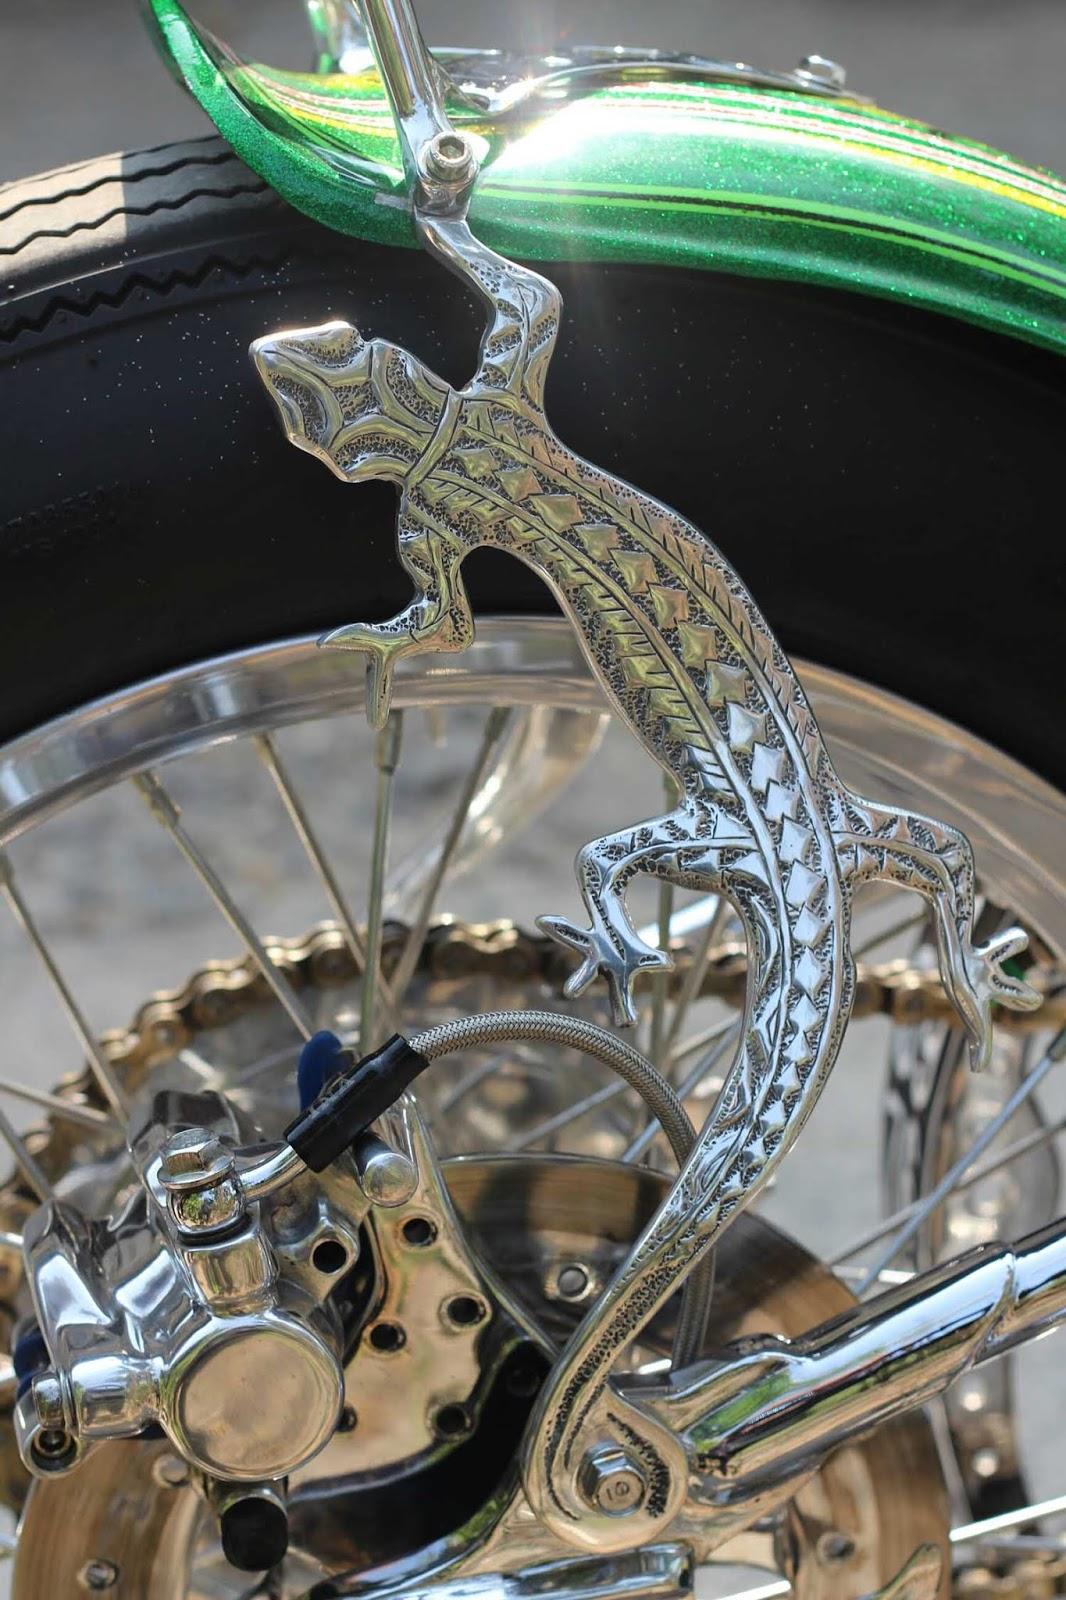 Motor Custom Chopper Blizard Details